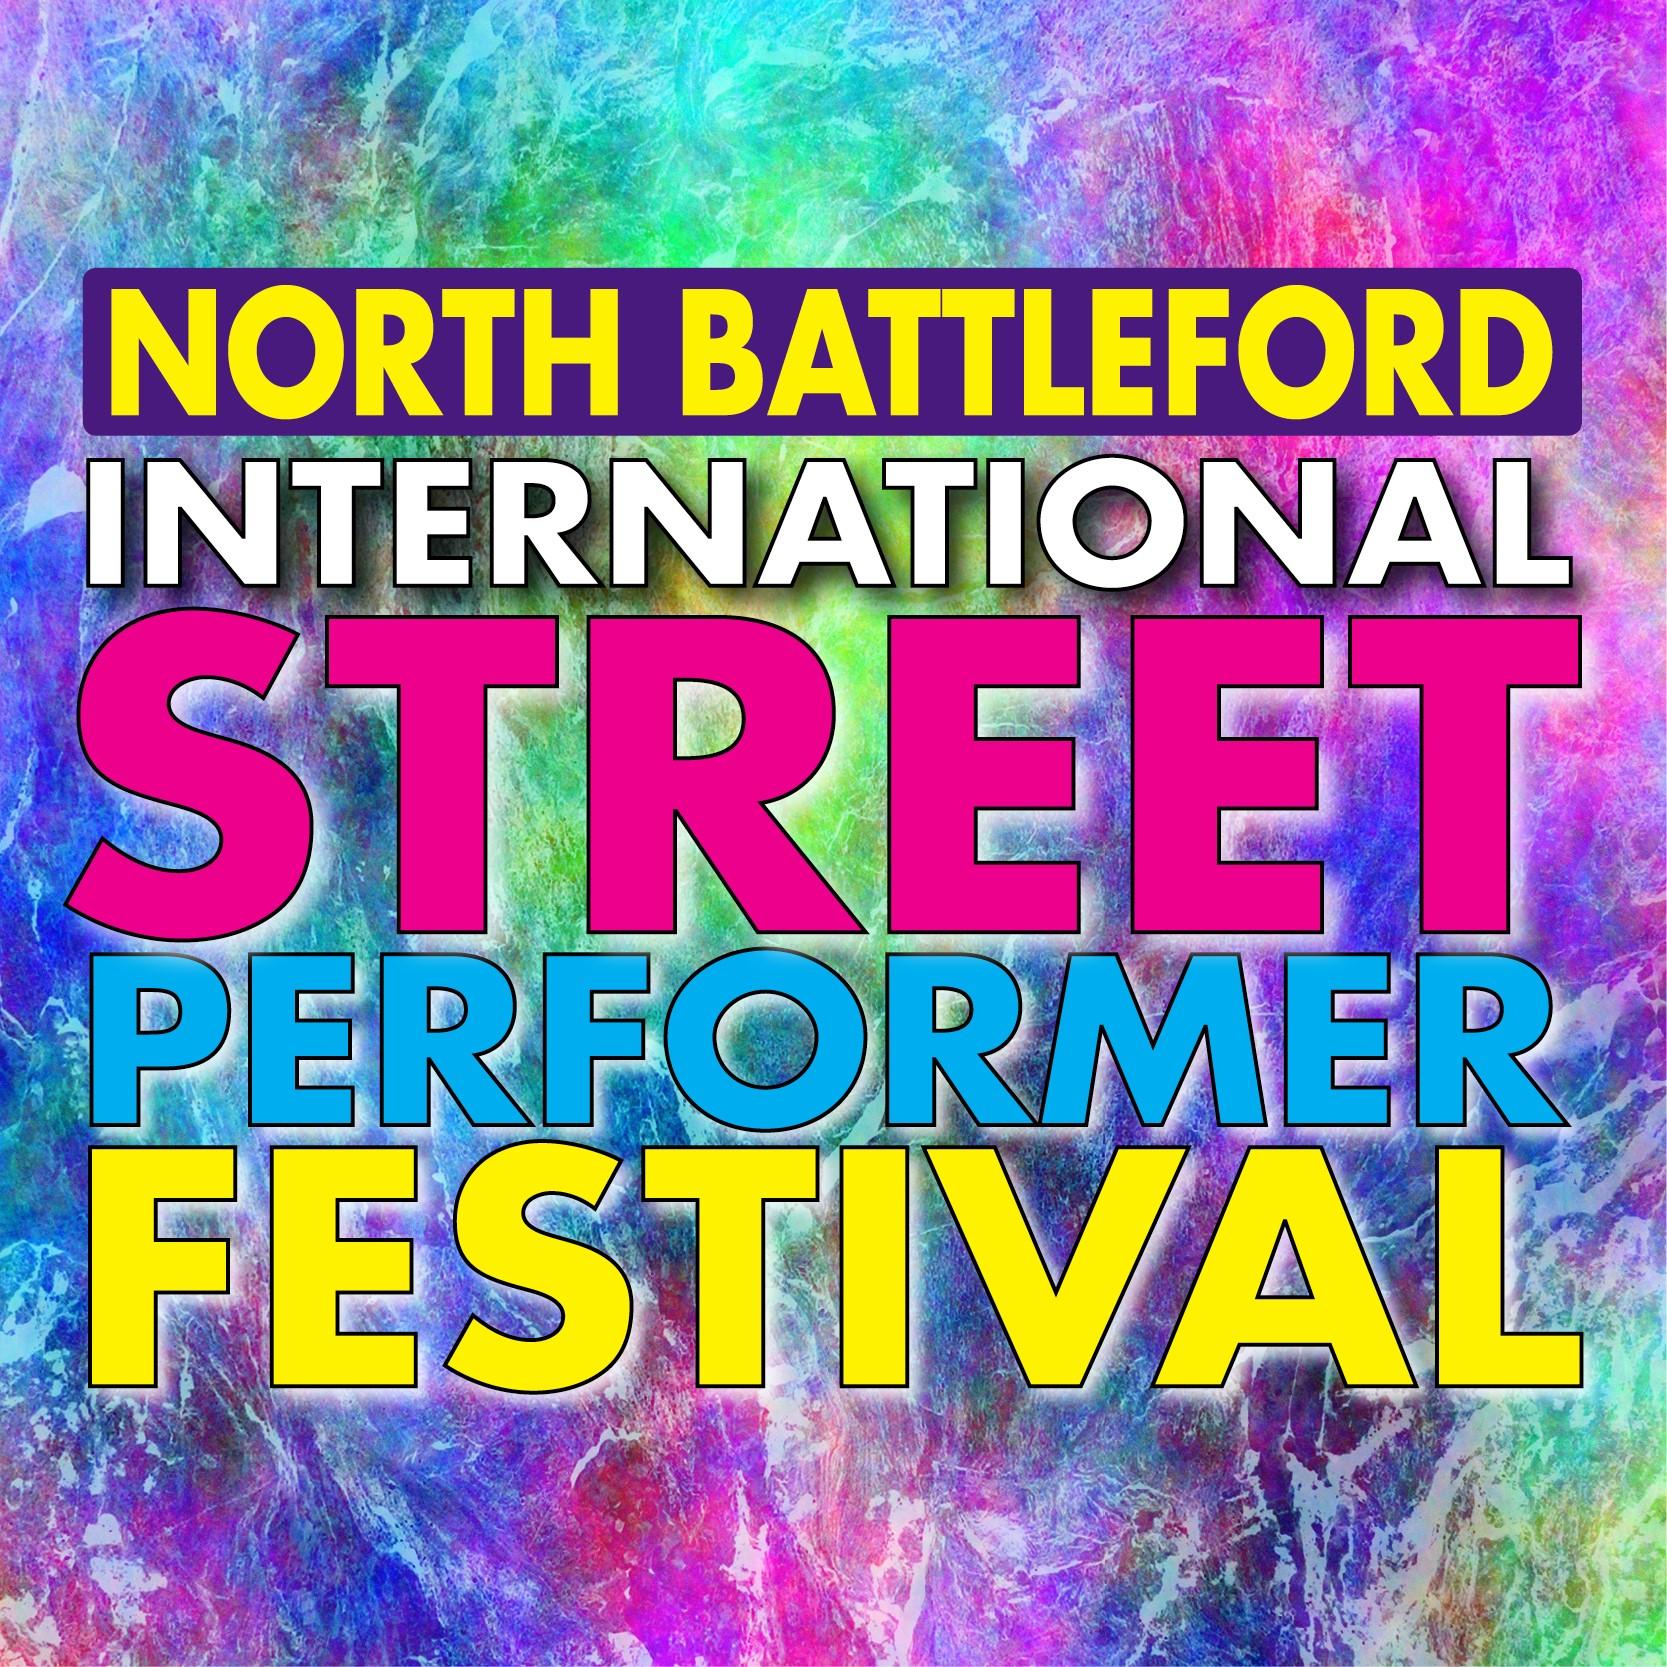 Street Fest Fiesta logo